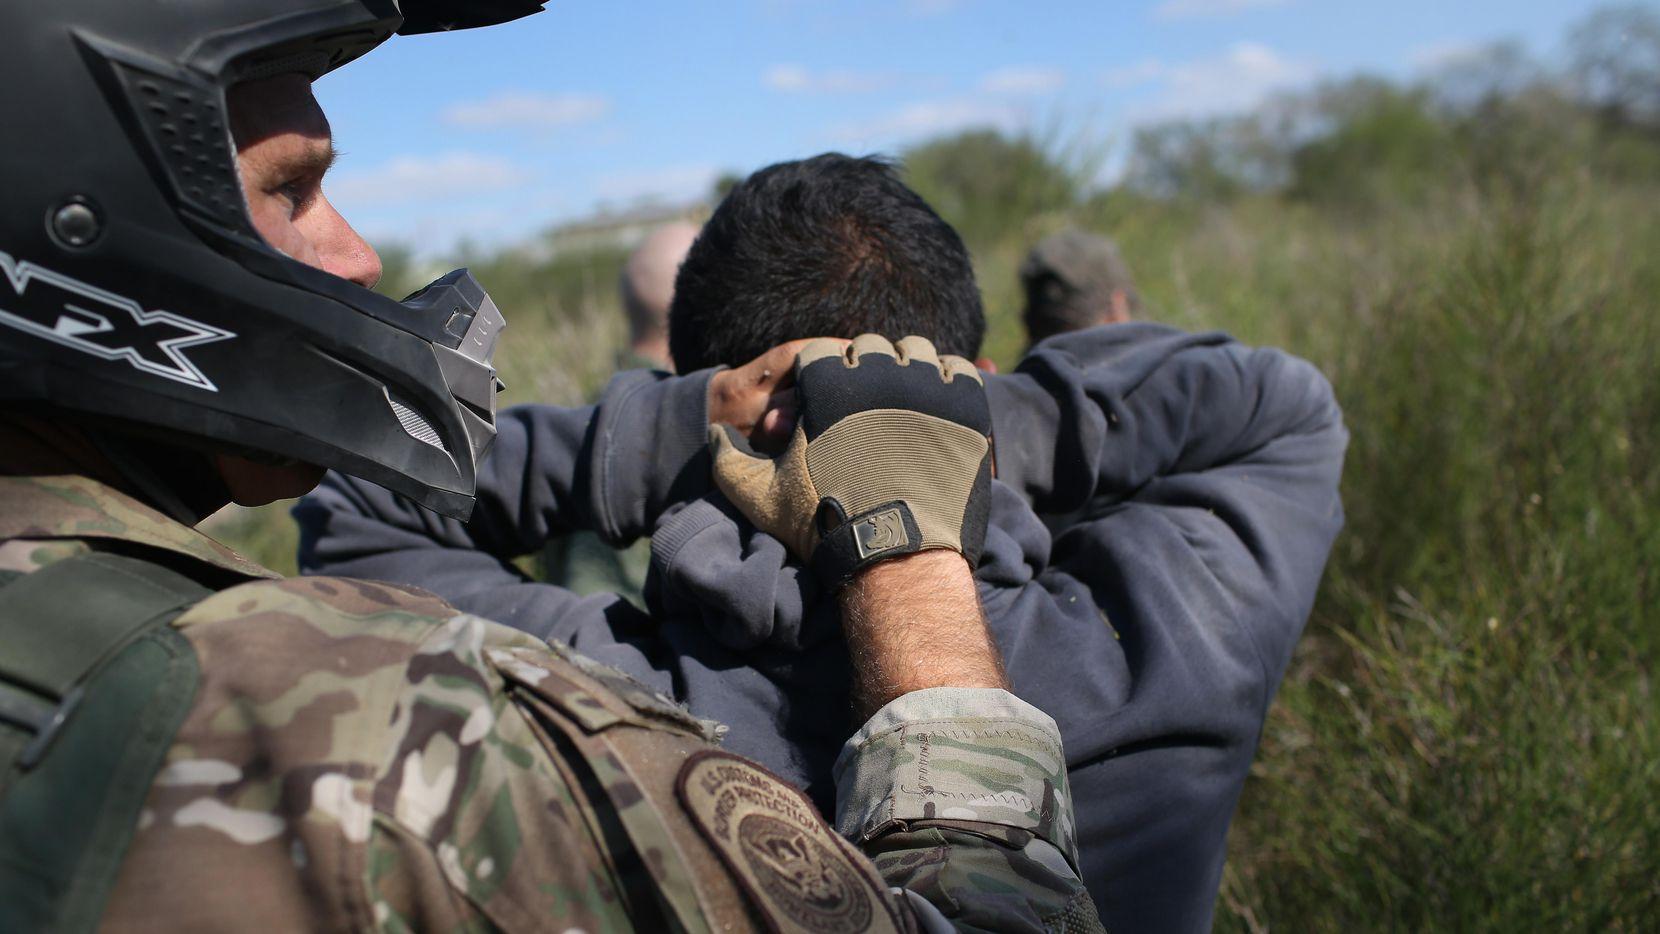 Un agente de la Patrulla Fronteriza arresta a un inmigante que cruzó hacia Estados Unidos por la zona del Valle del Río Grande, al sur de Texas. (Getty Images/John Moore)